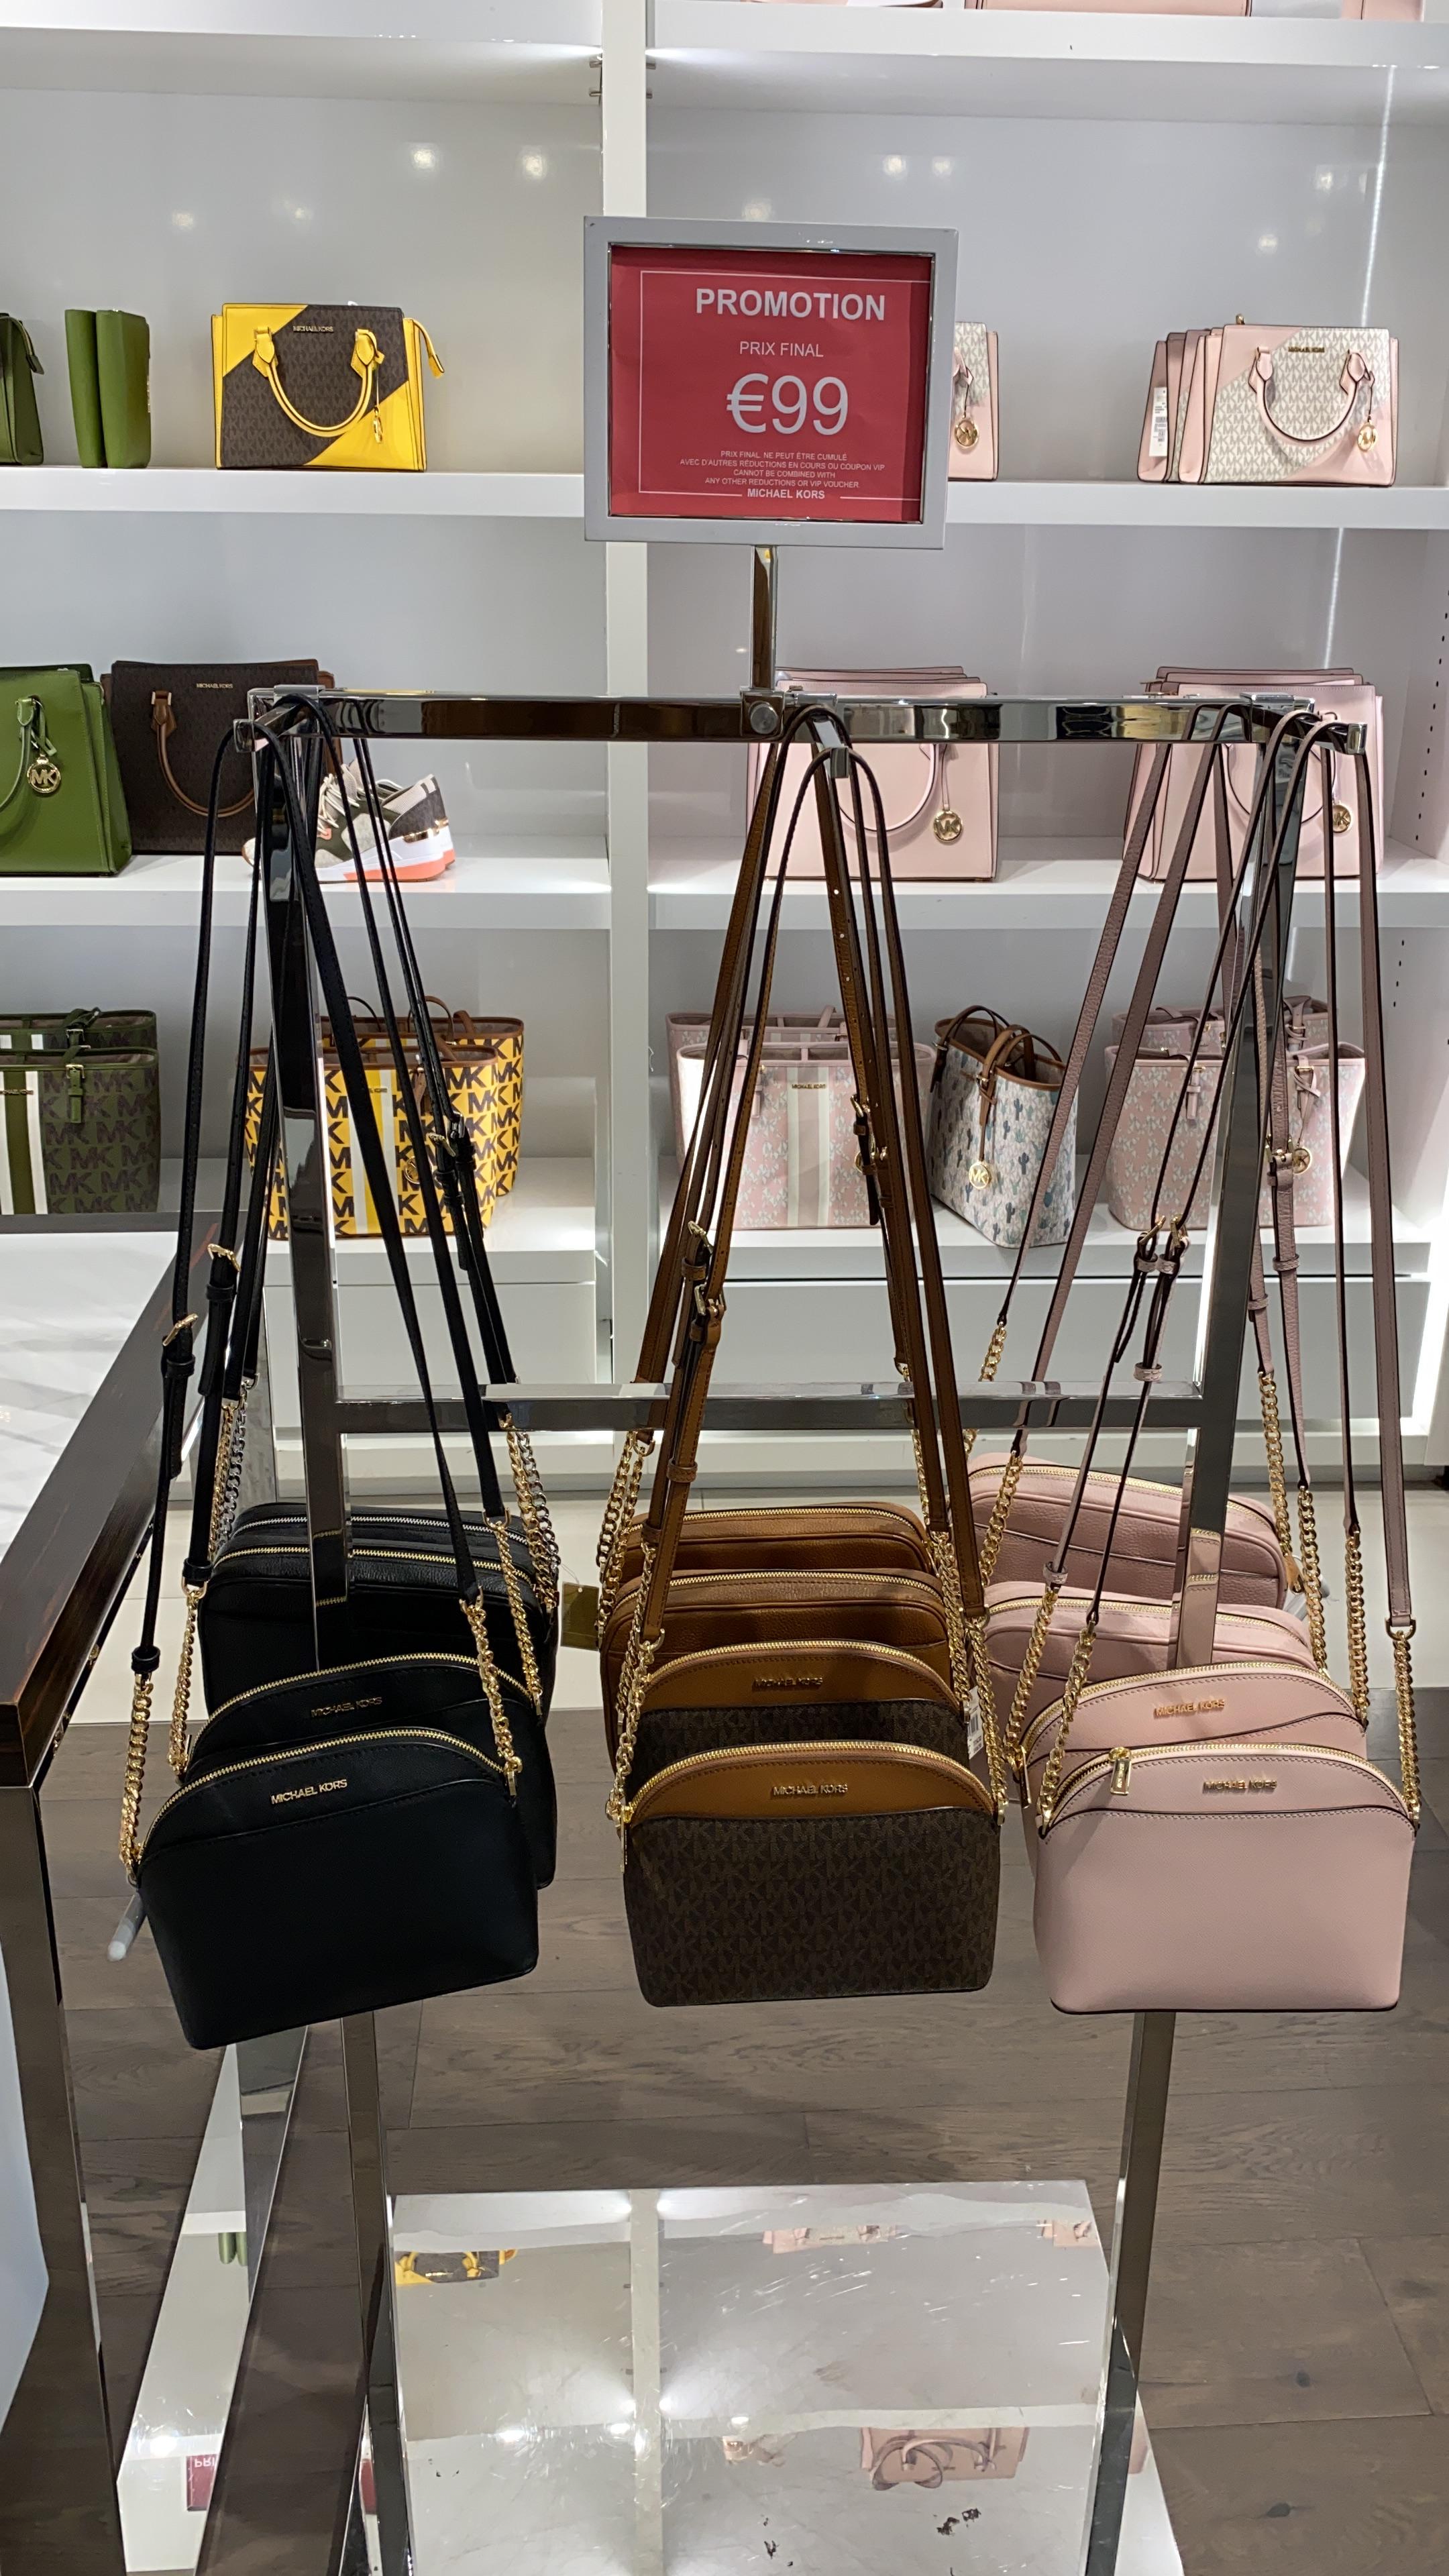 Sélection de sacs Michael Kors Jet Set Travel à 99€ (plusieurs modèles) - Village des marques Miramas (13)